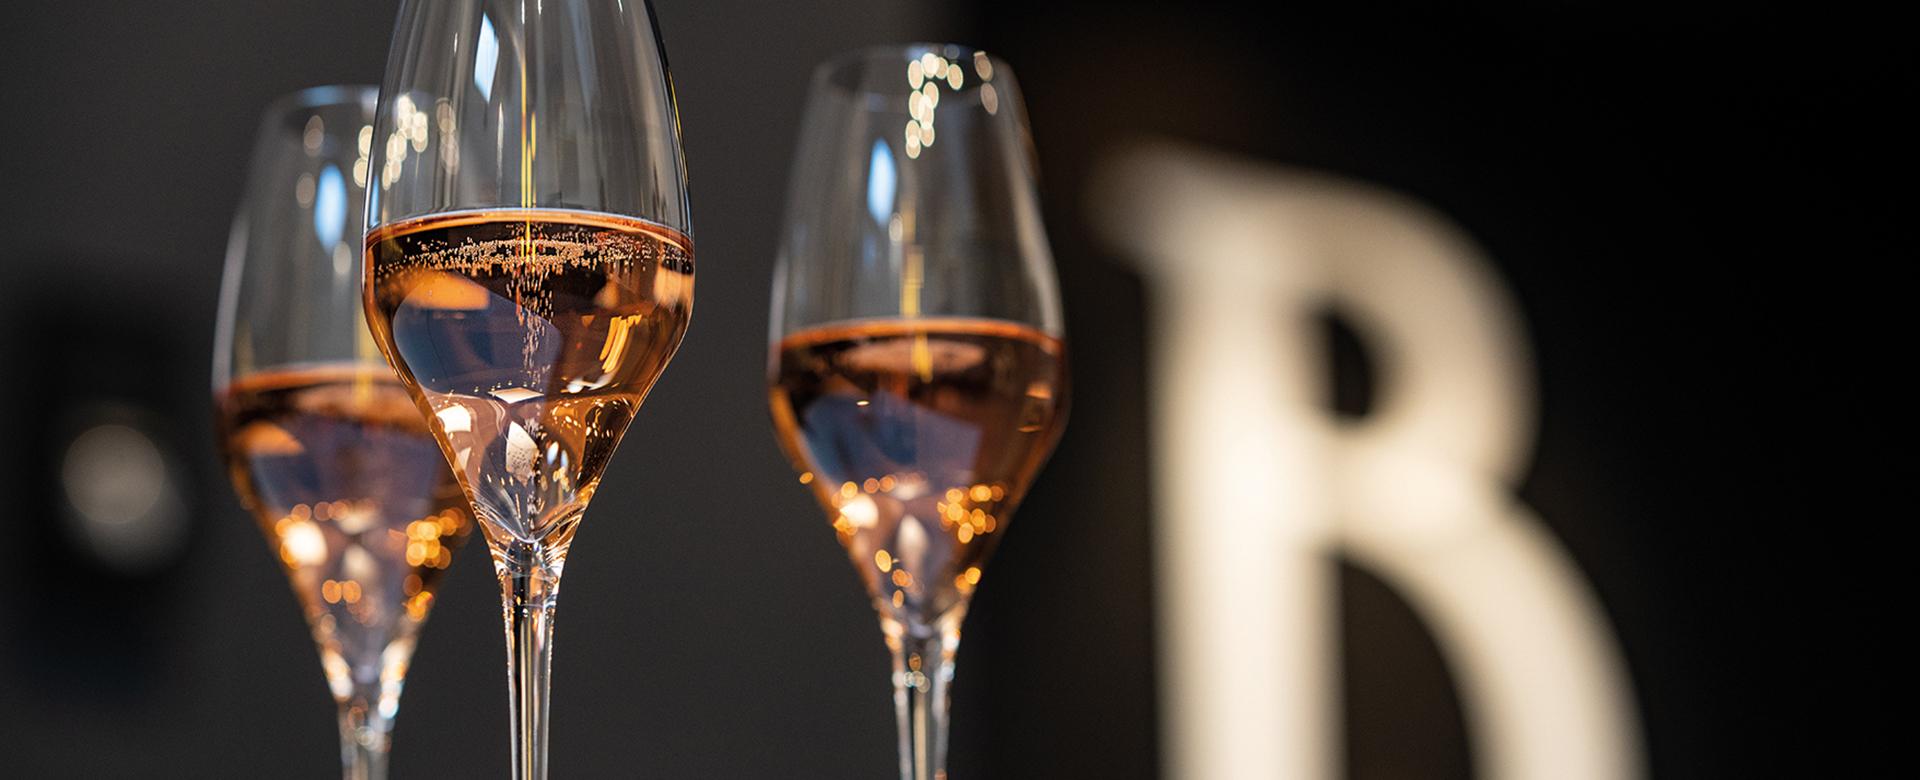 BARTH Expertisen von Sekt und Wein